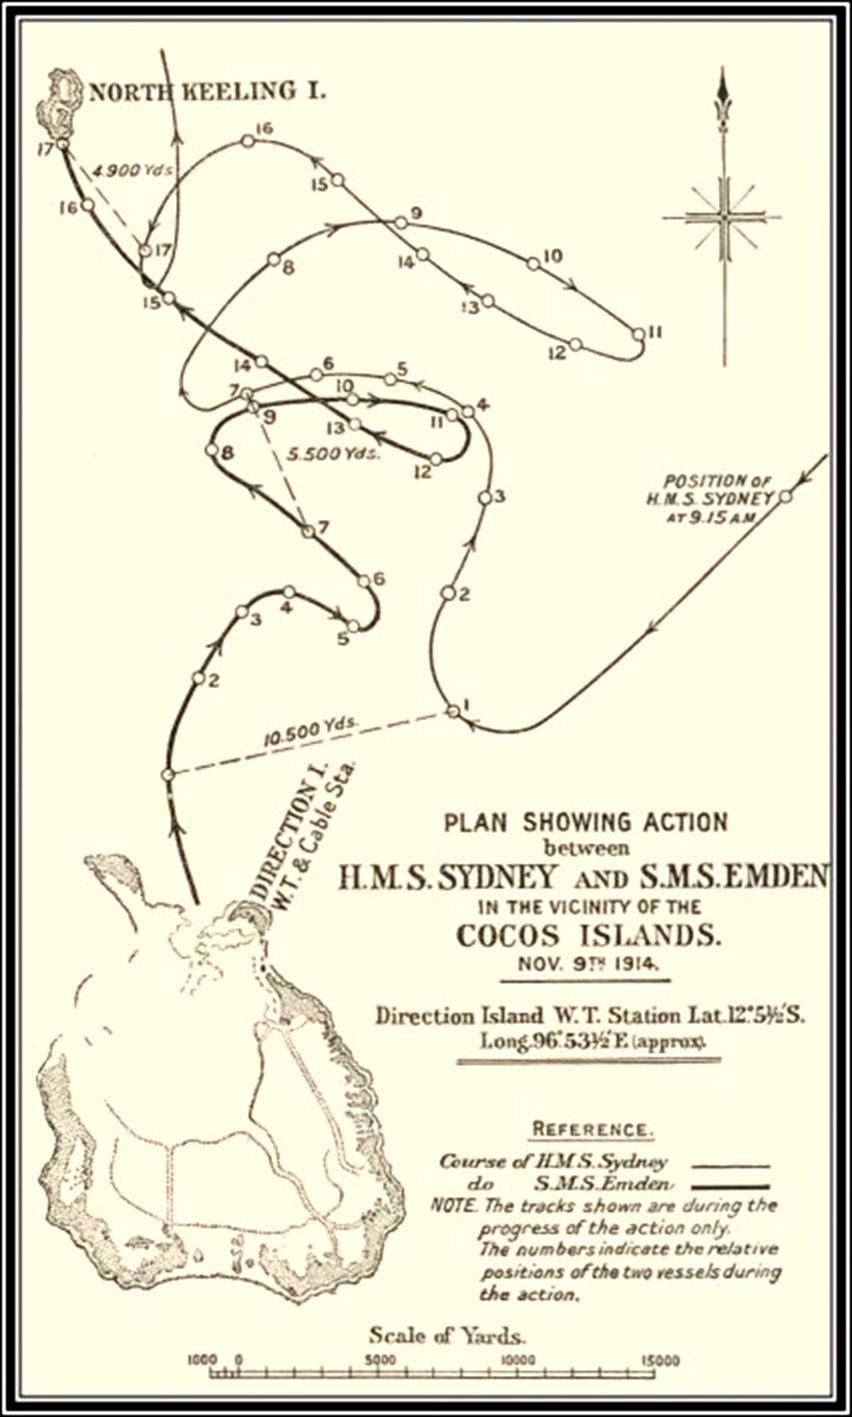 08 - Бой у Кокосовых островов 9.11.14.jpg